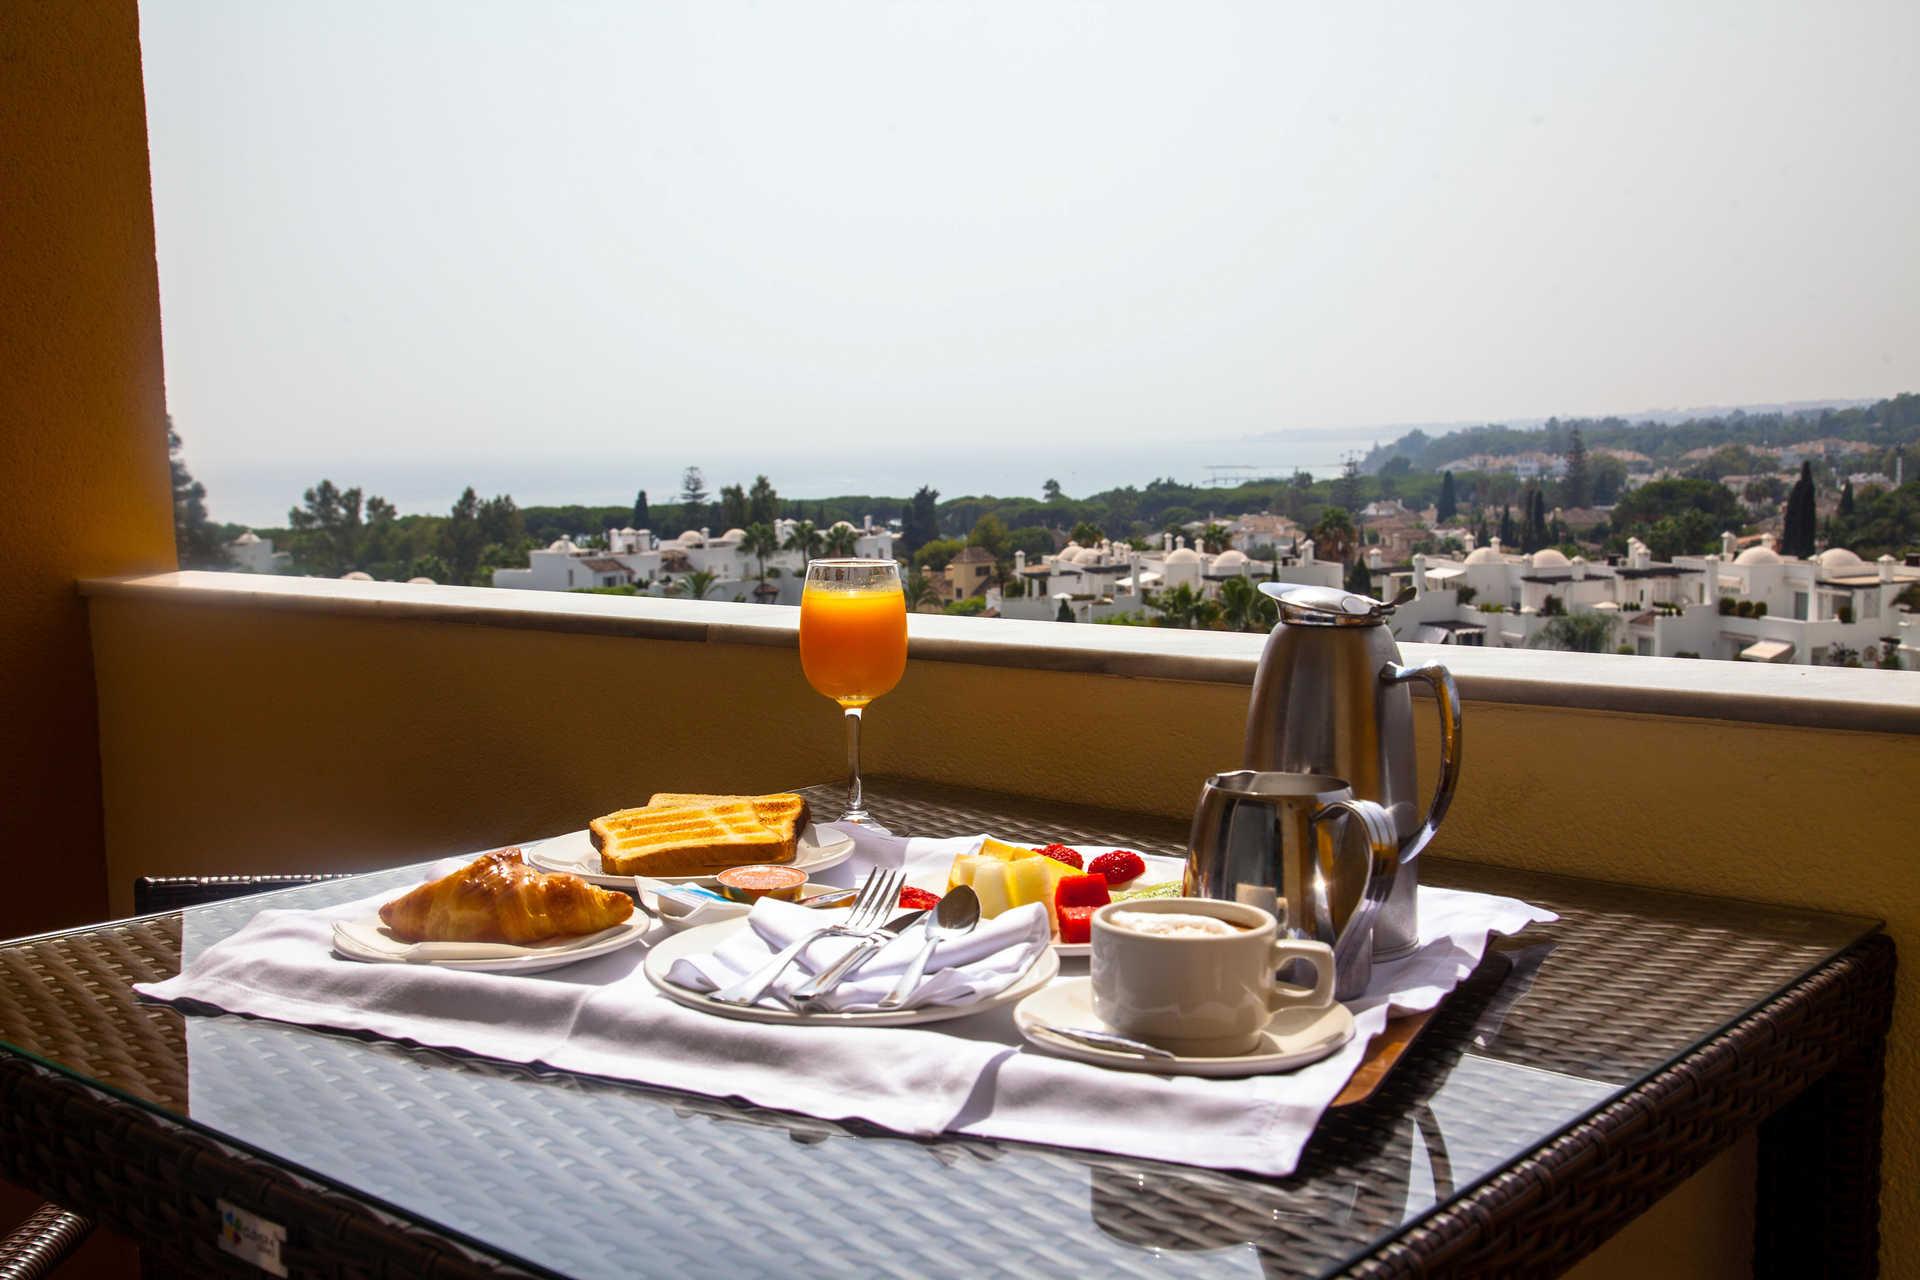 Descubra Marbella desde el centro, Senator Marbella Spa Hotel a un precio especial código promo descubramarbella